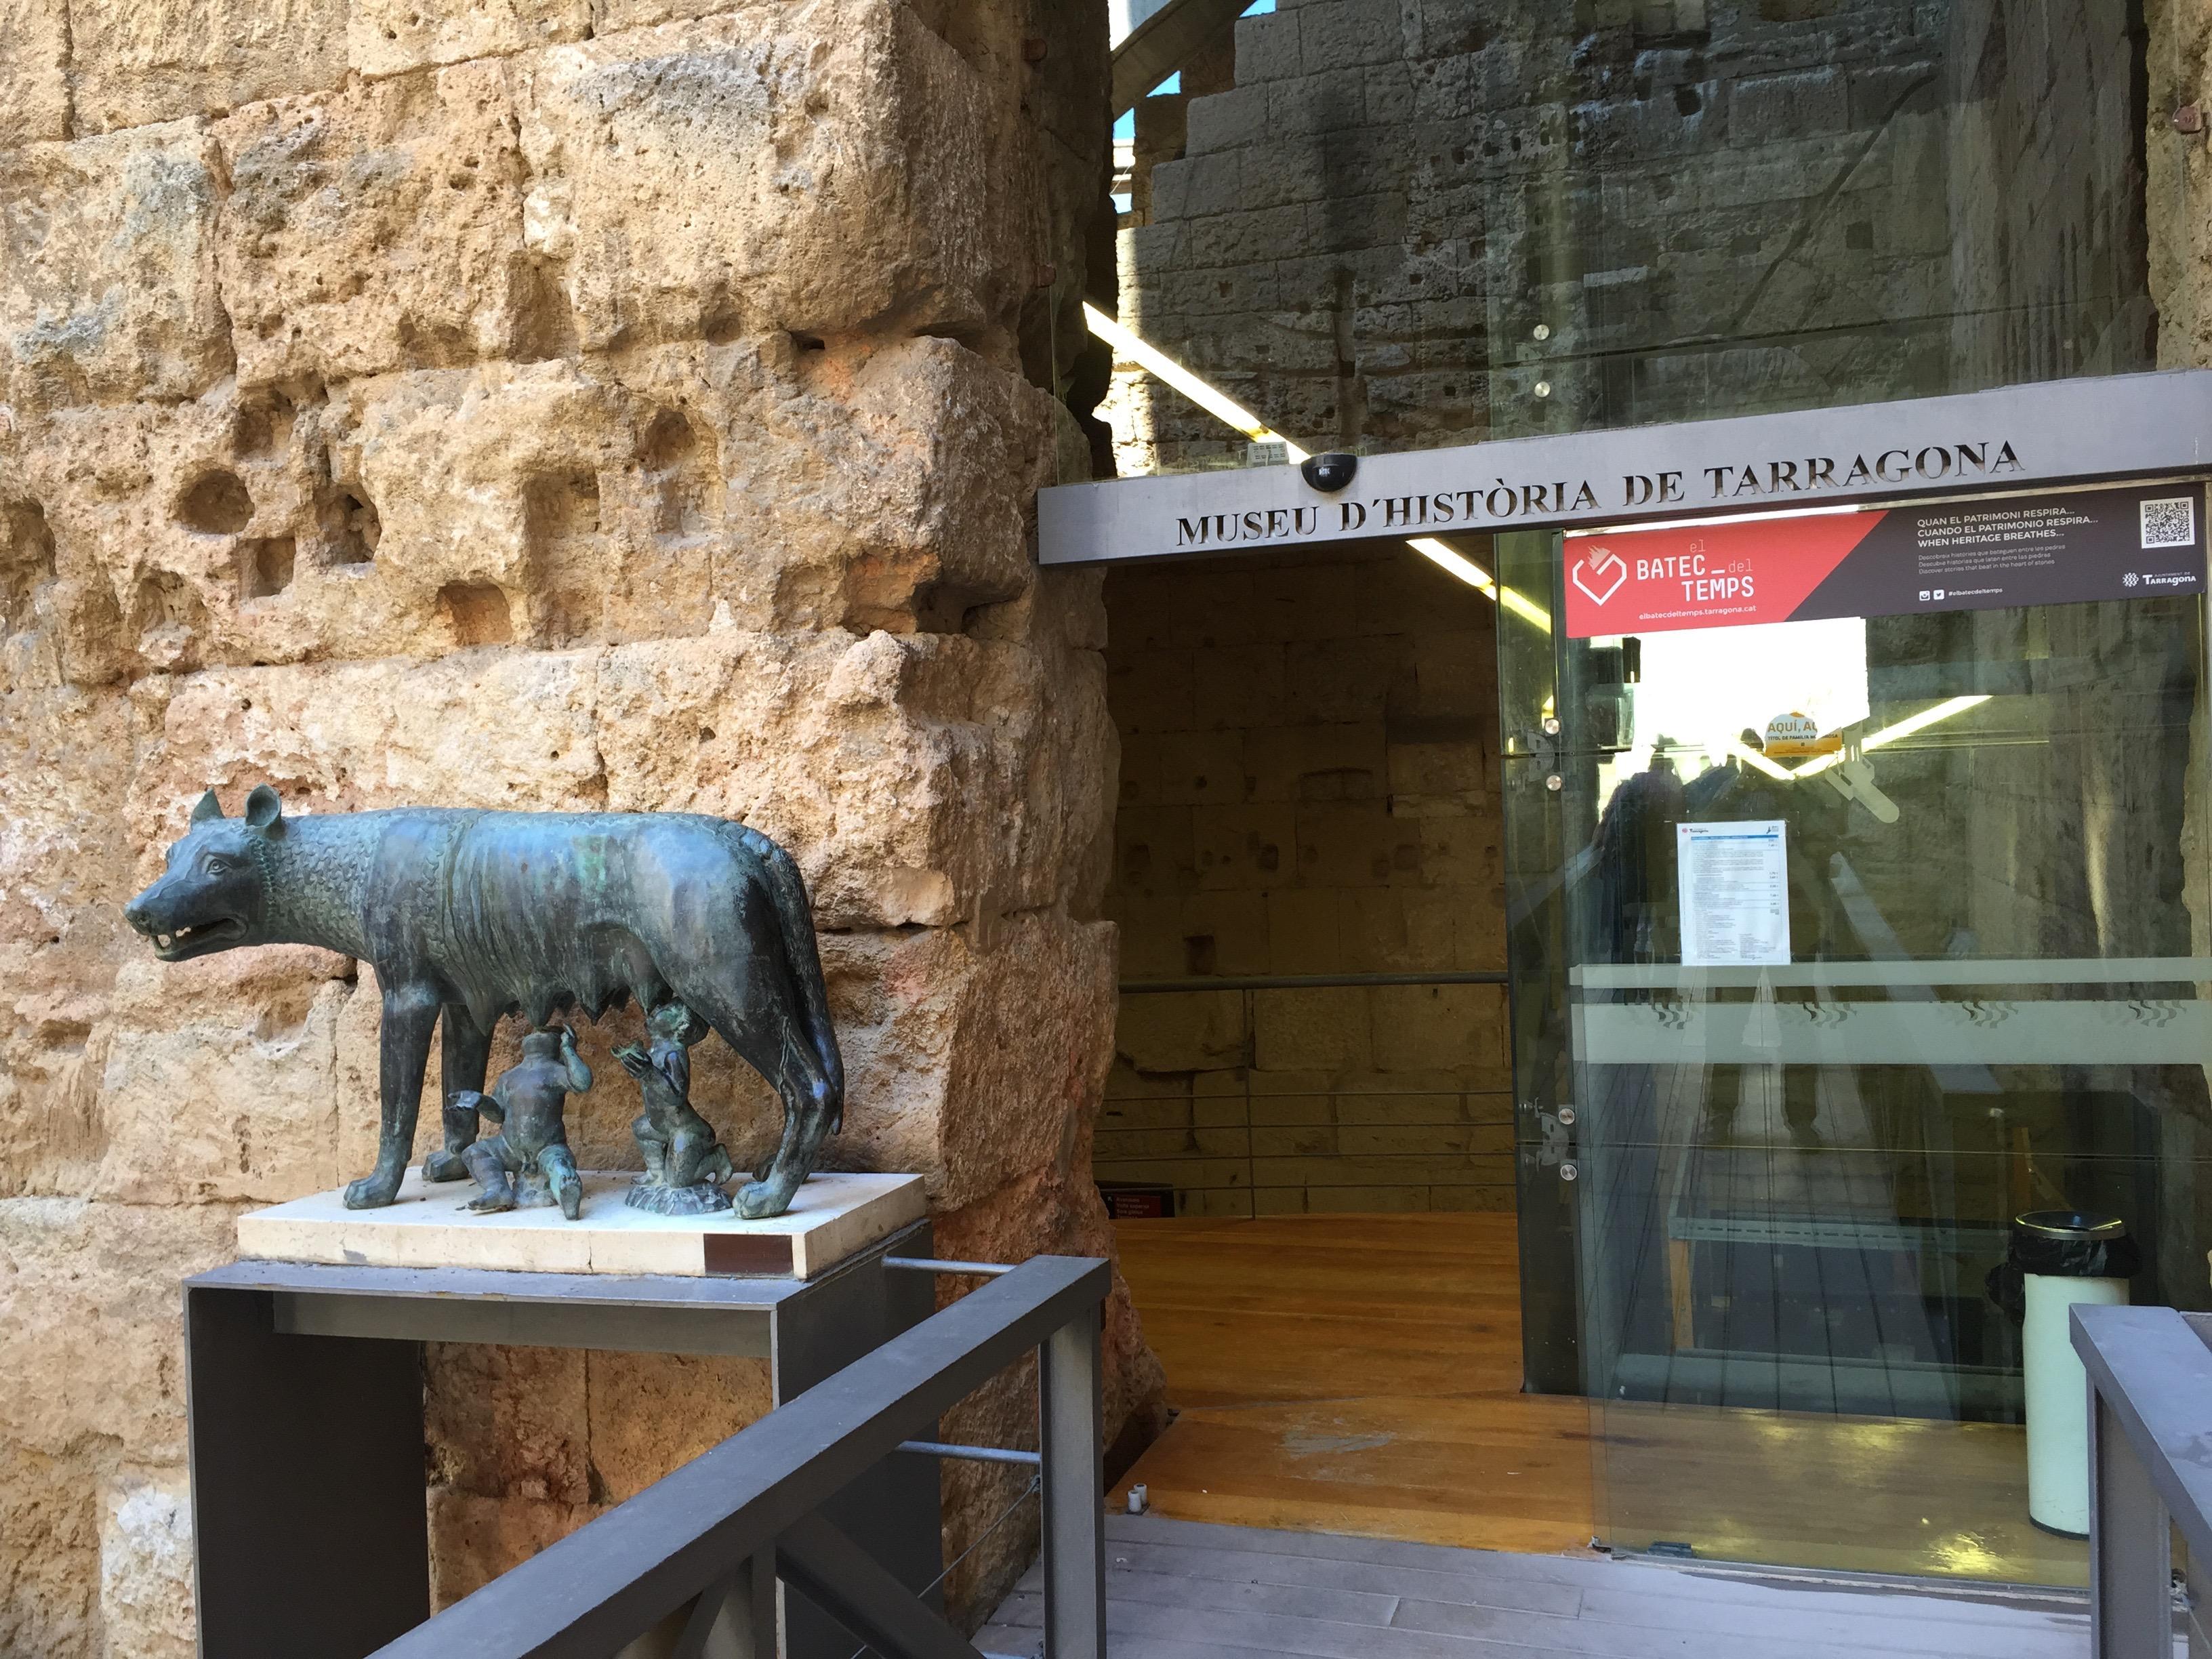 Museu d'Història de Tarragona - Viquipèdia, l'enciclopèdia lliure